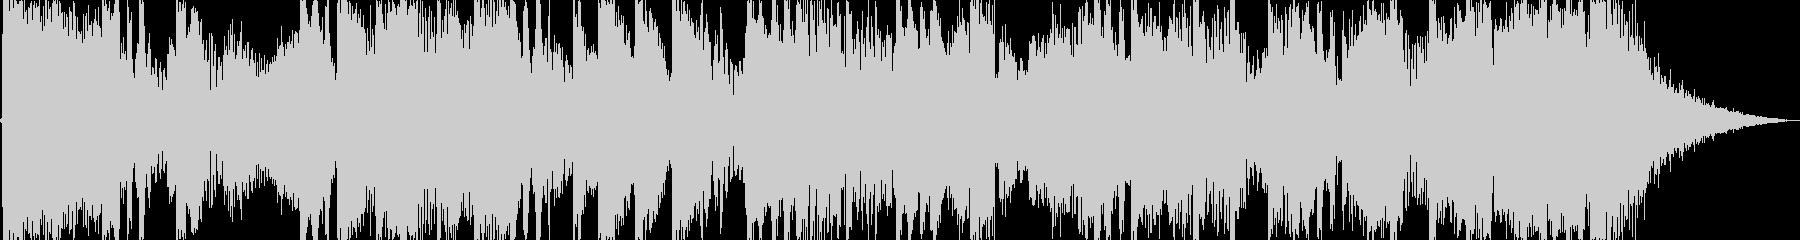 15秒のダブステップ・ストリングスの未再生の波形